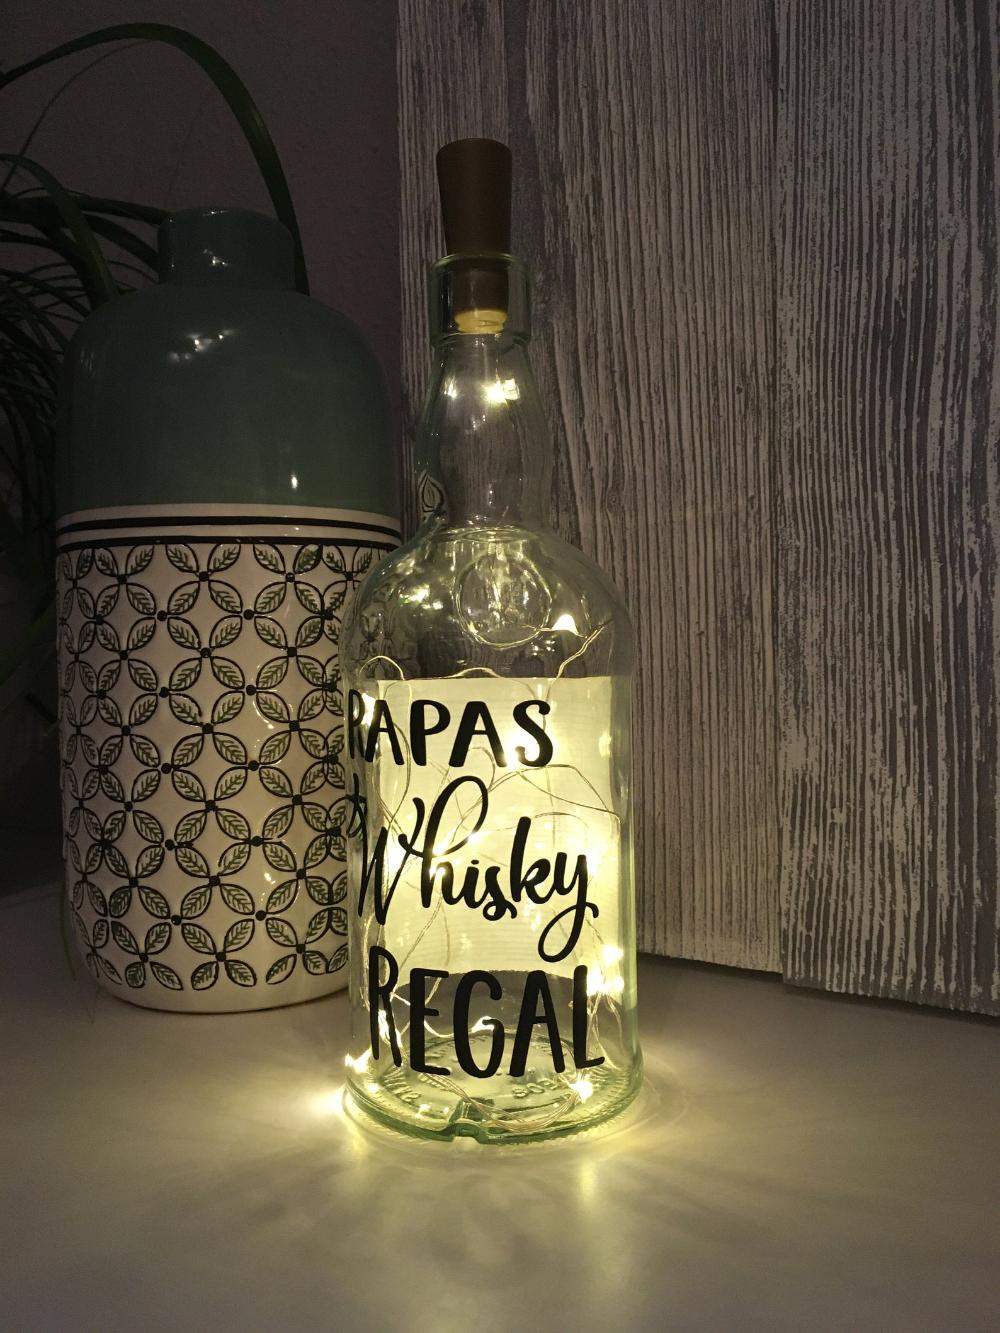 Whiskyflasche Mit Beleuchtung Papas Whisky Regal Led Leuchte Leuchtflasche Bottlelight Lichterkette Geschenk Flaschenlicht Vodka Bottle Vodka Bottle